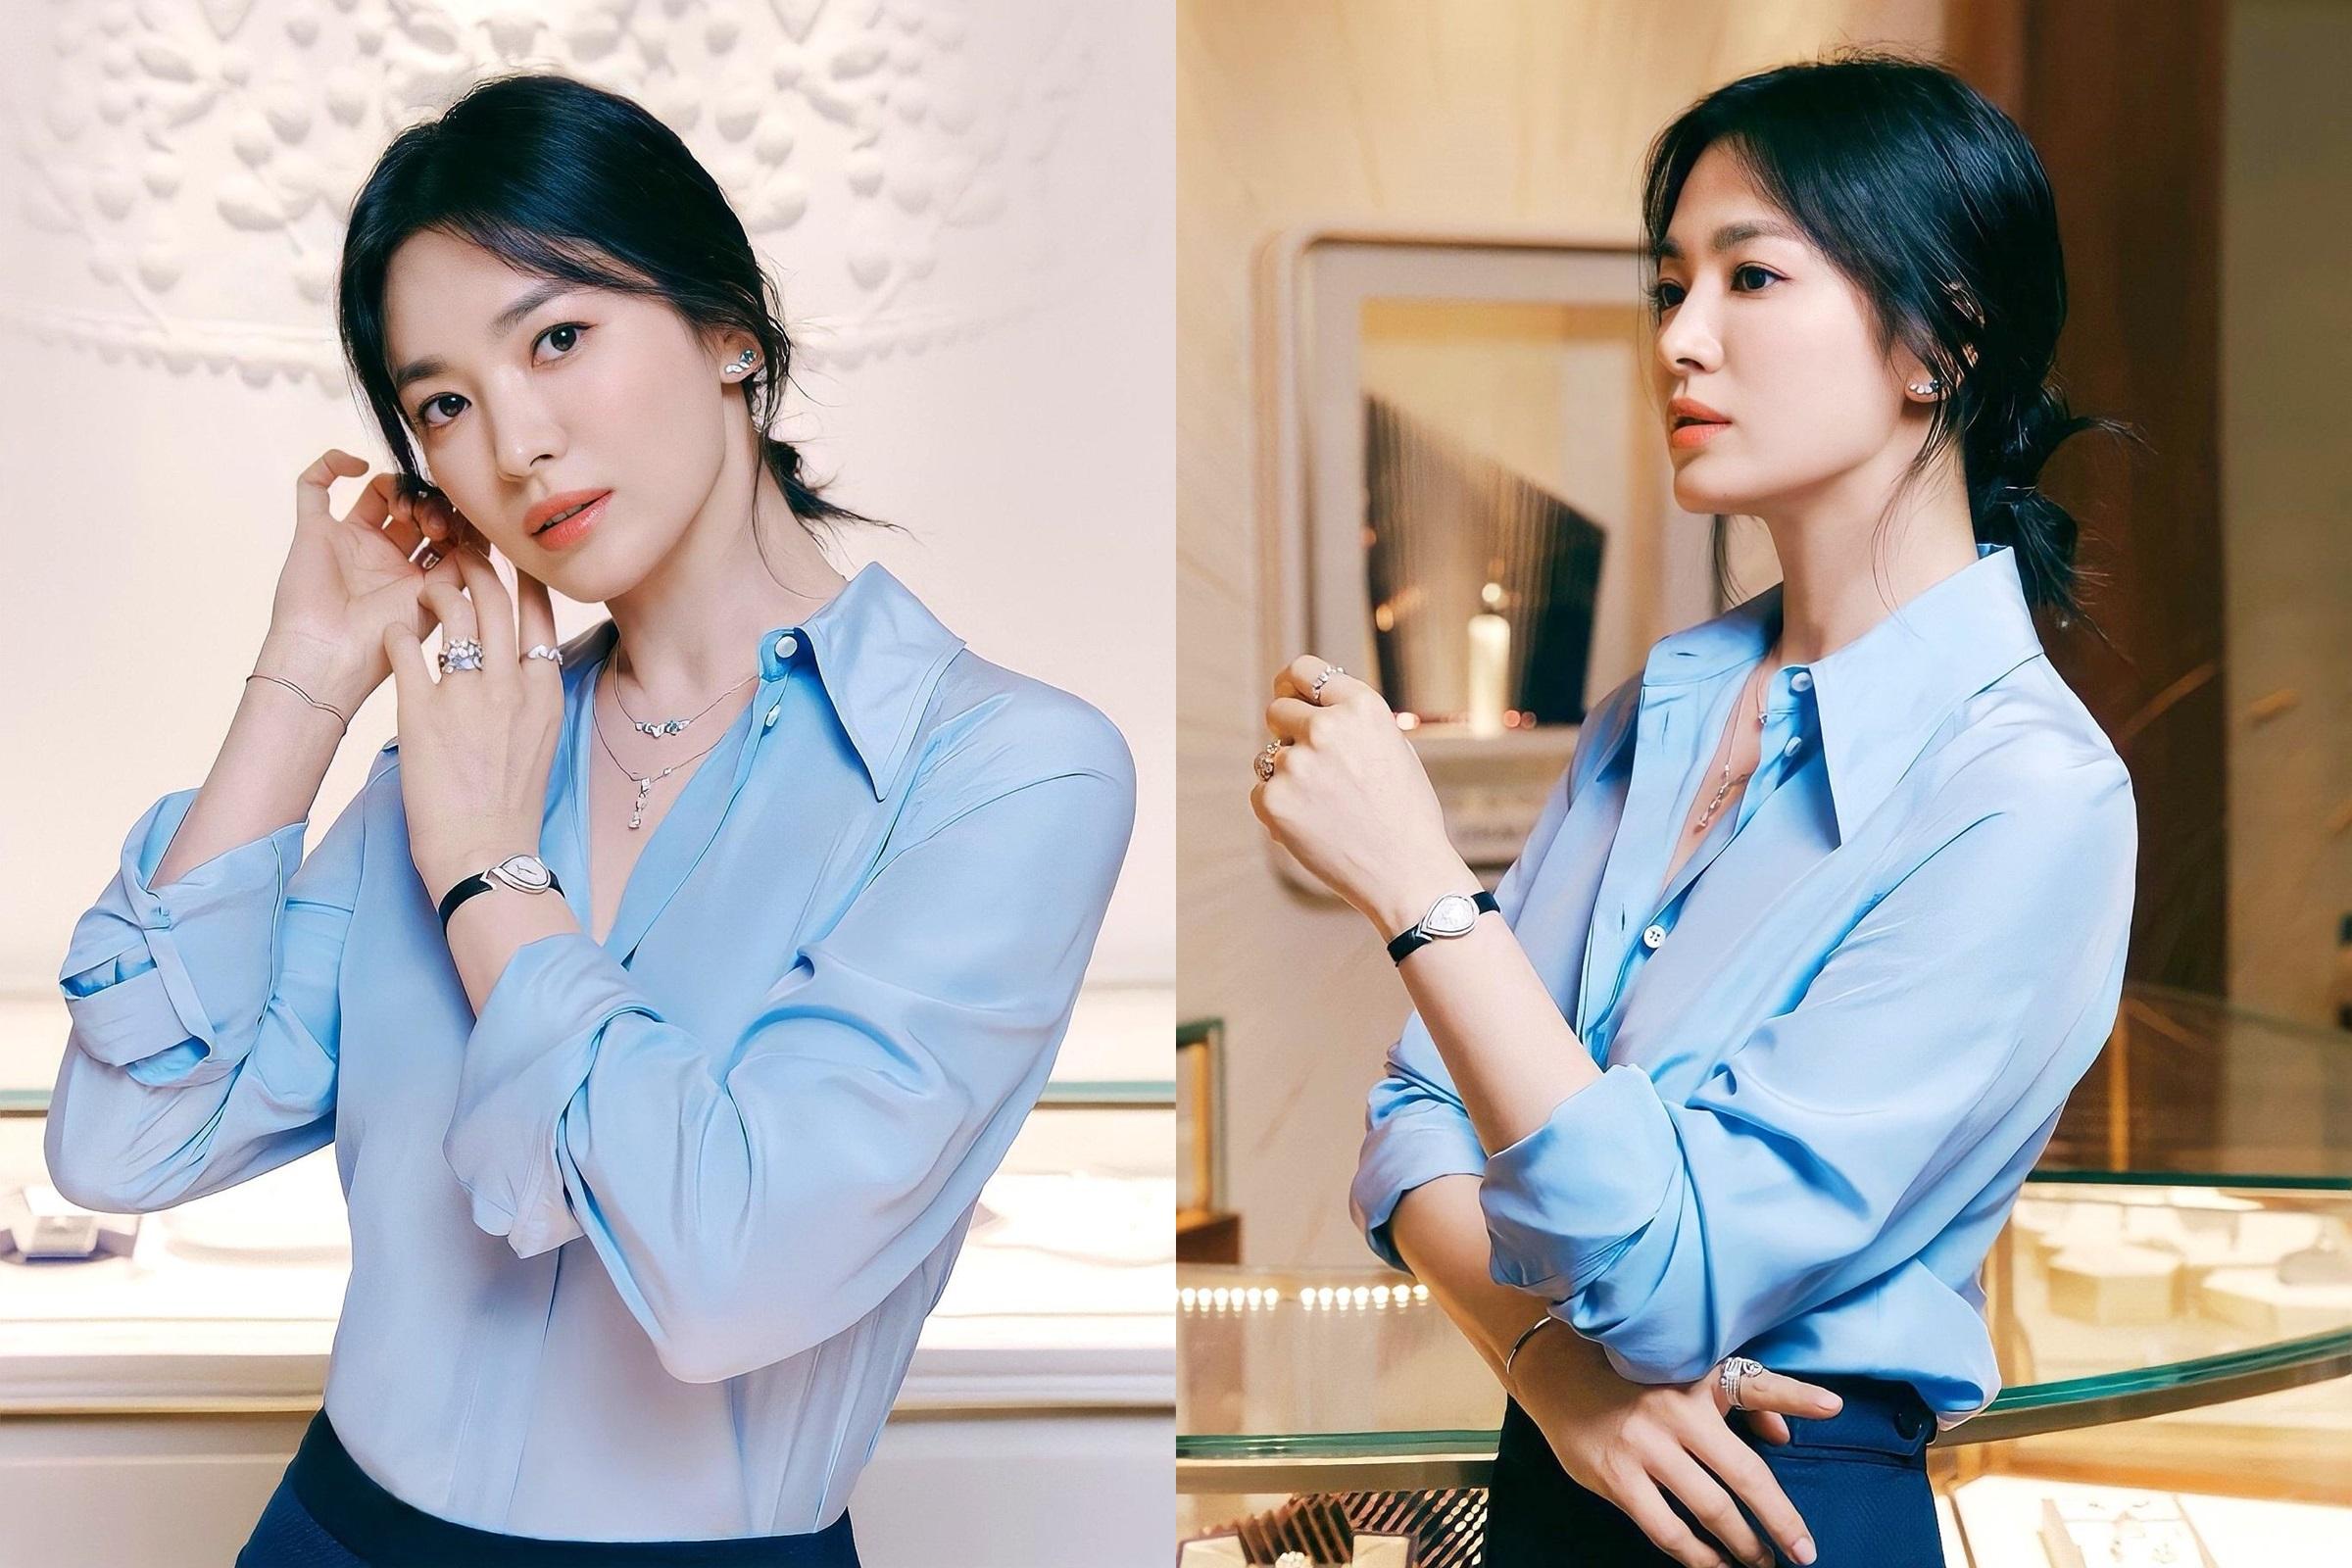 Loạt ảnh mới của Song Hye Kyo cho hãng trang sức. Ảnh: Chaumet.